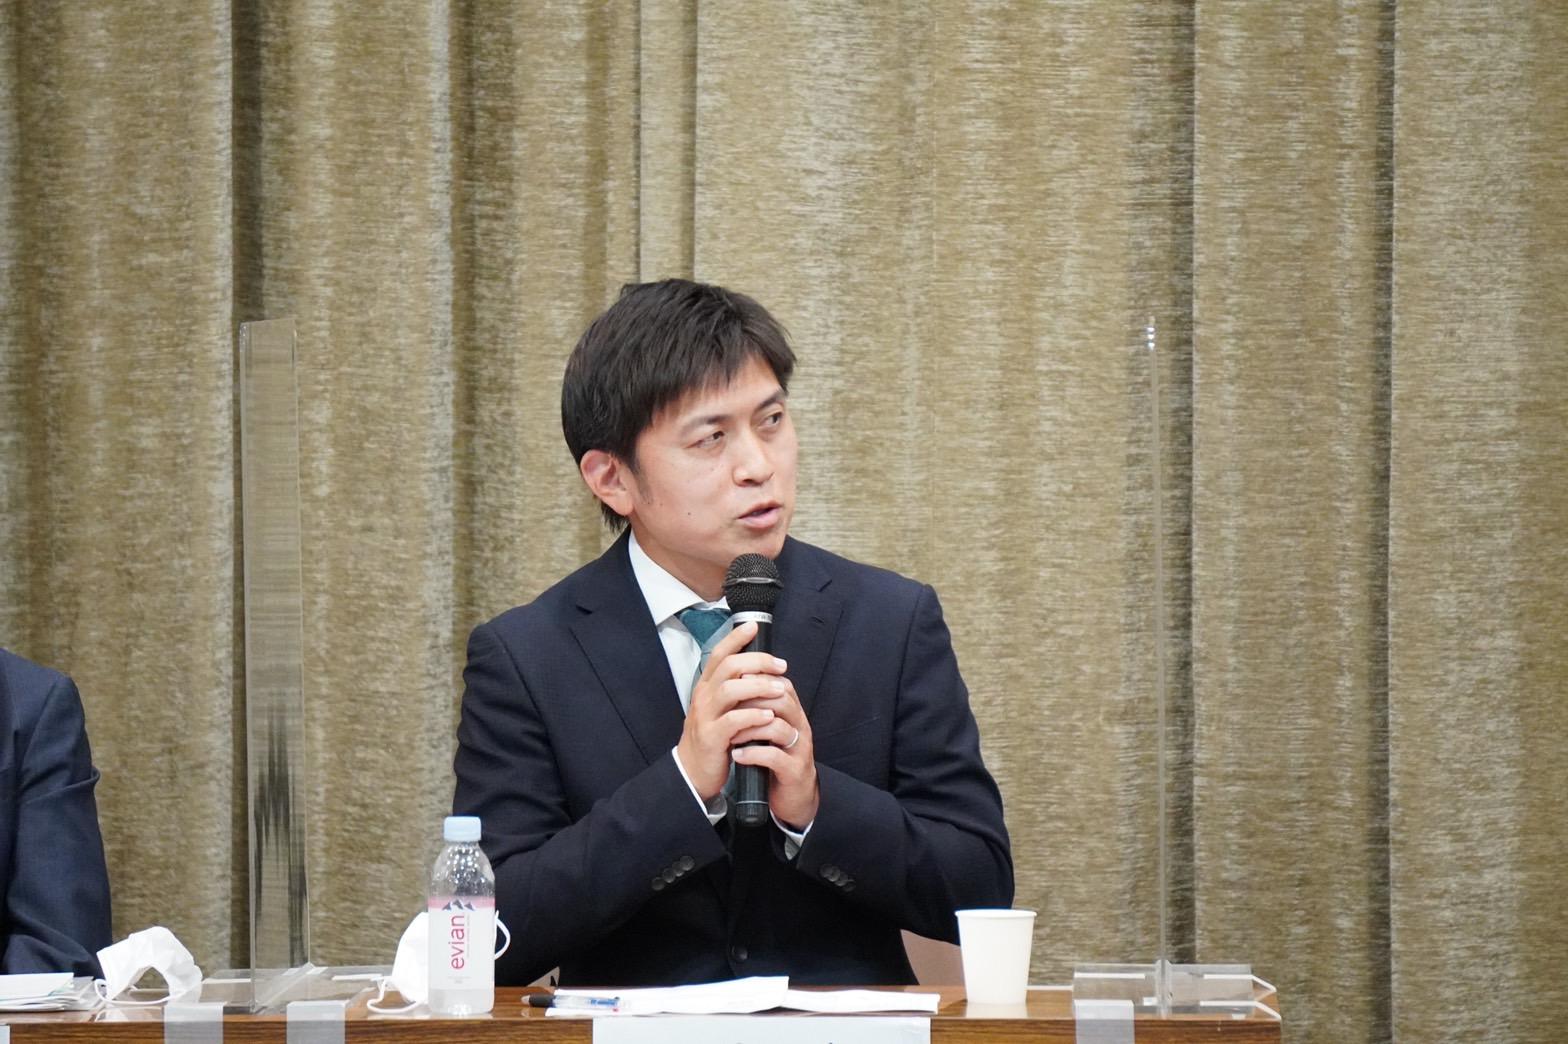 尼崎市民医療フォーラム開催